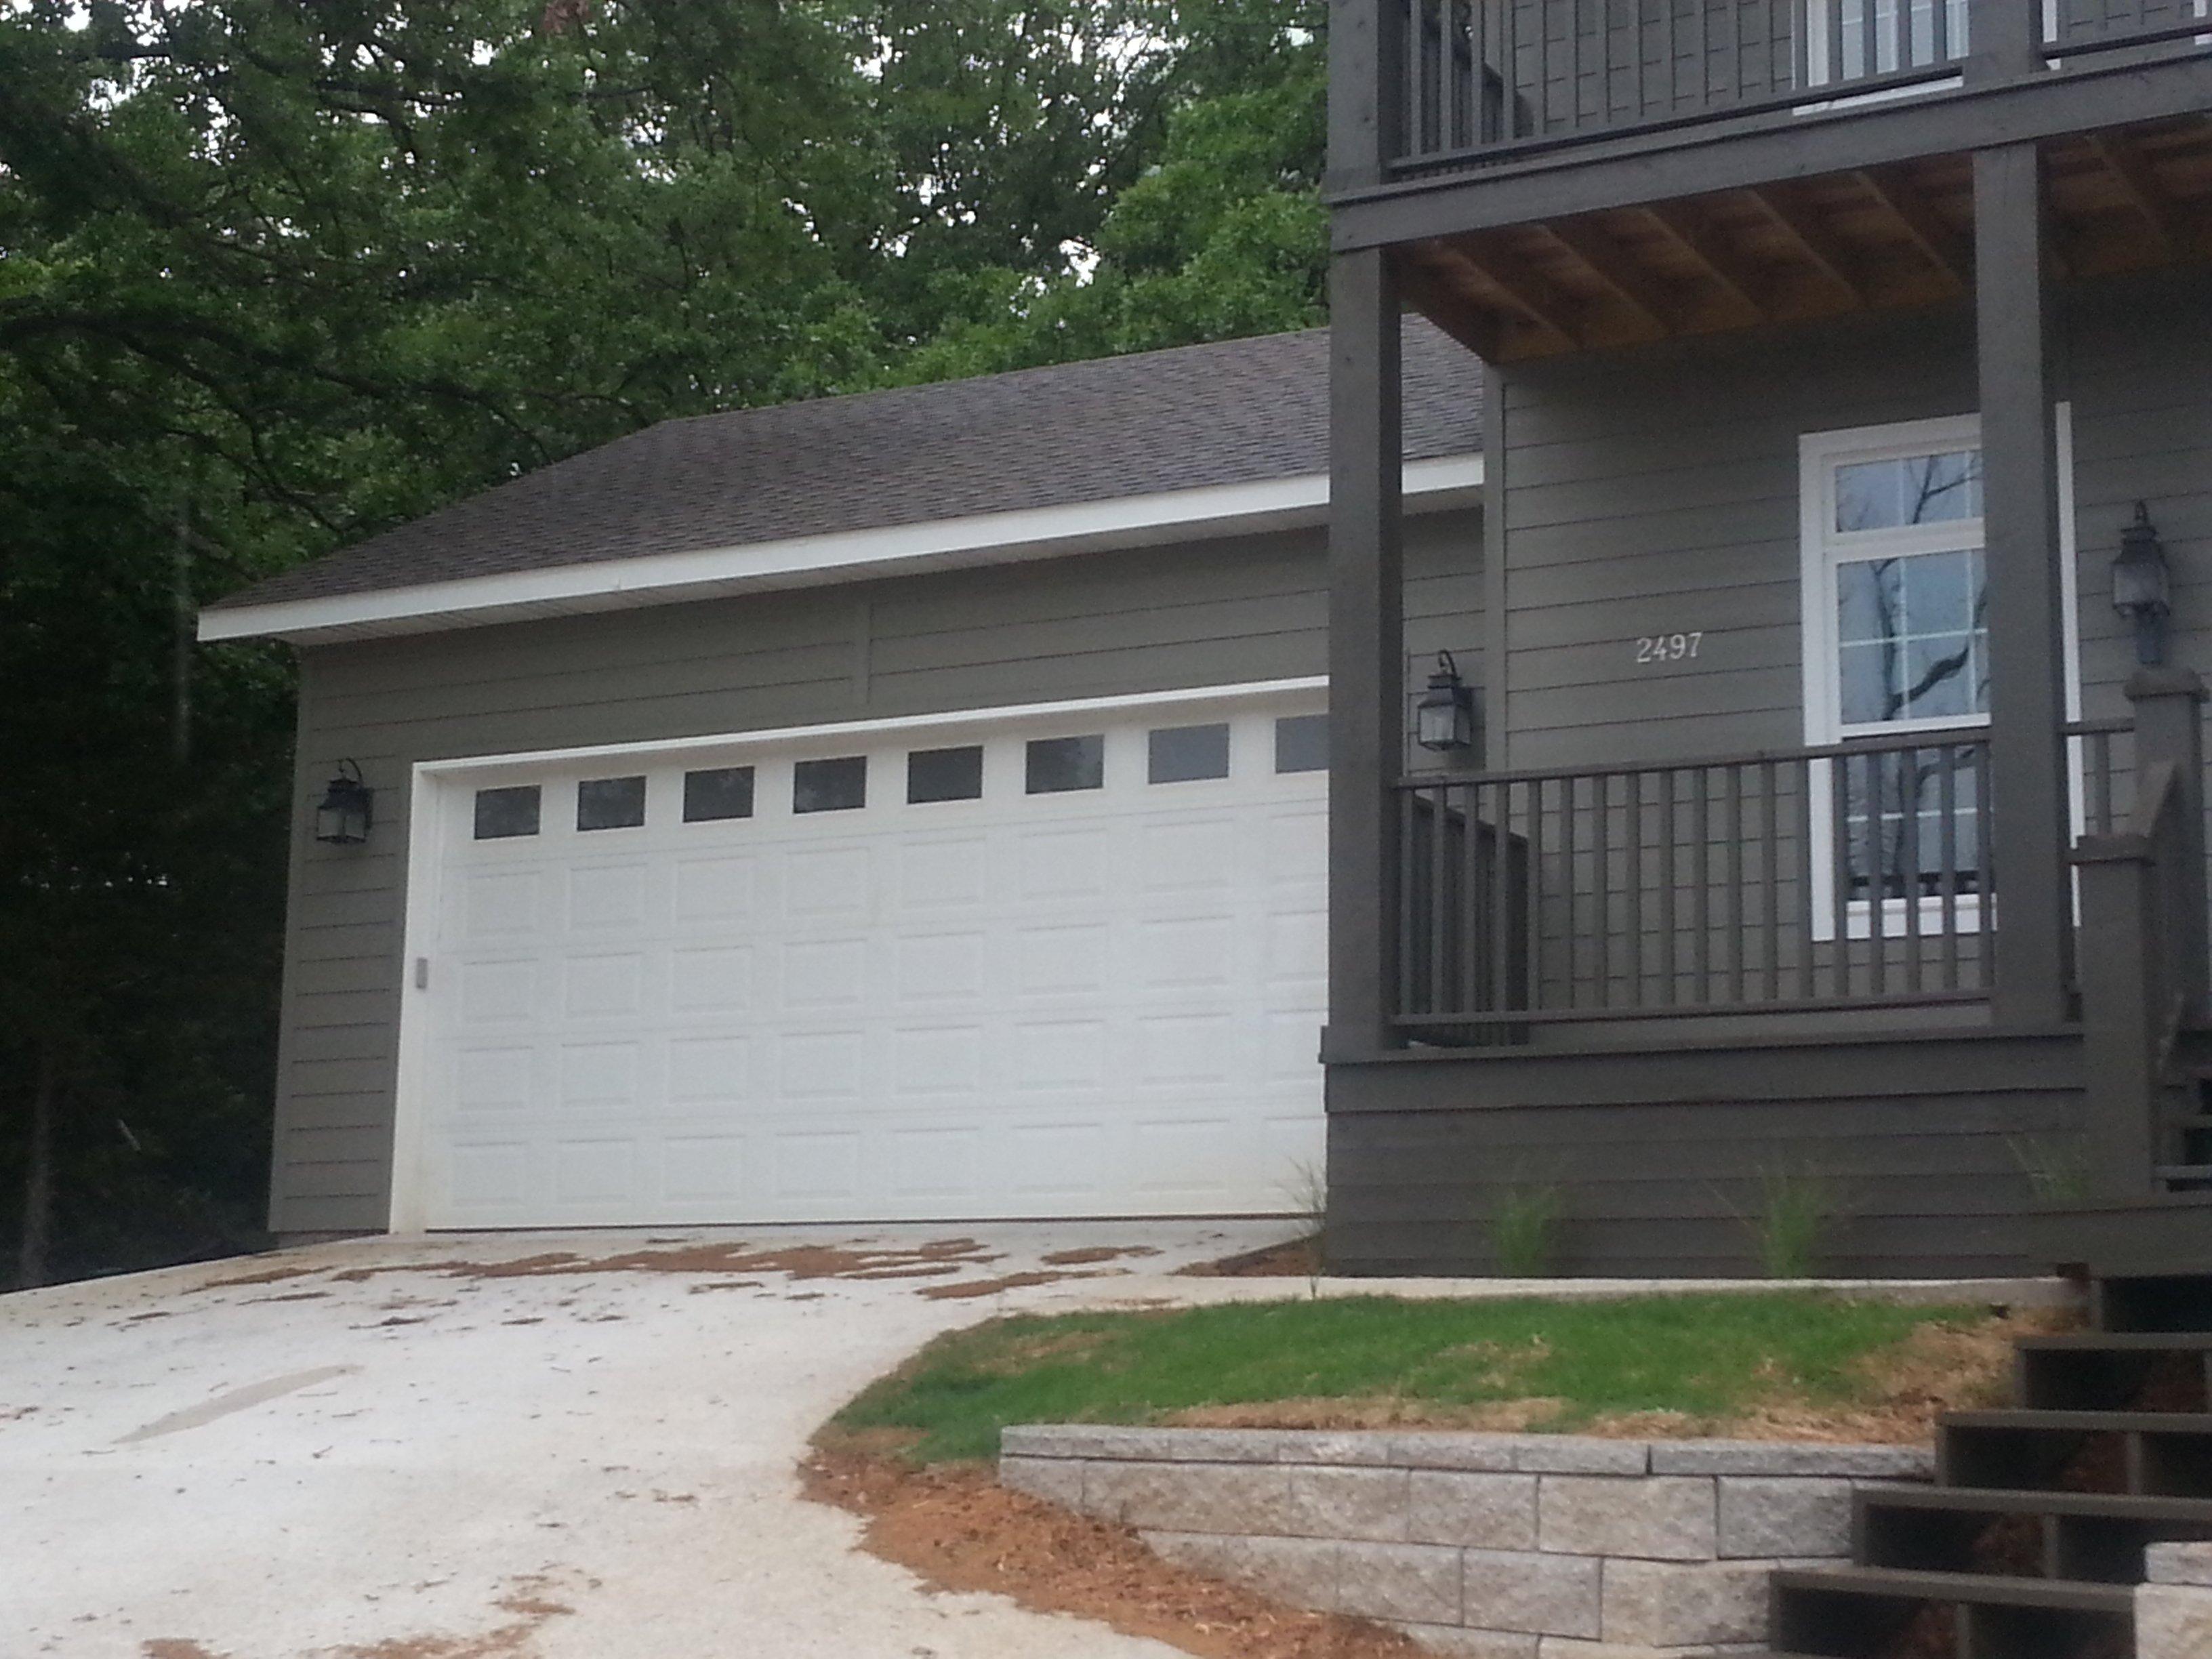 1080 #4B5E3B Kennith's Overhead Door Garage Doors Springdale AR picture/photo Garage Doors Roll Up Residential 37191440